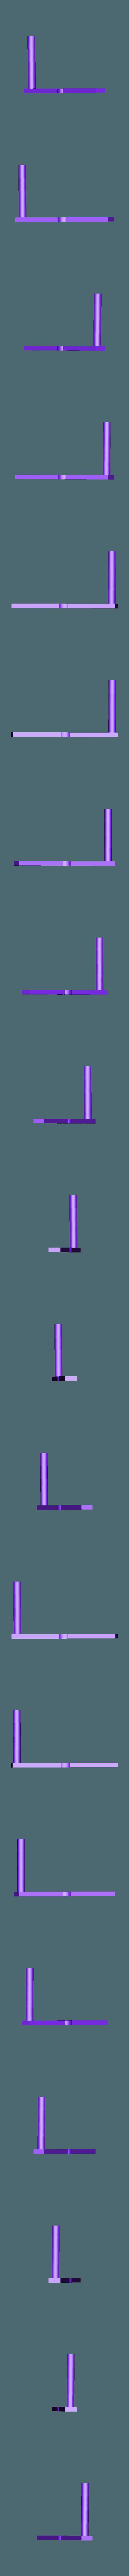 transmission_slider_lever.stl Télécharger fichier STL gratuit Transmission à engrenages coniques • Modèle à imprimer en 3D, matthewdwulff